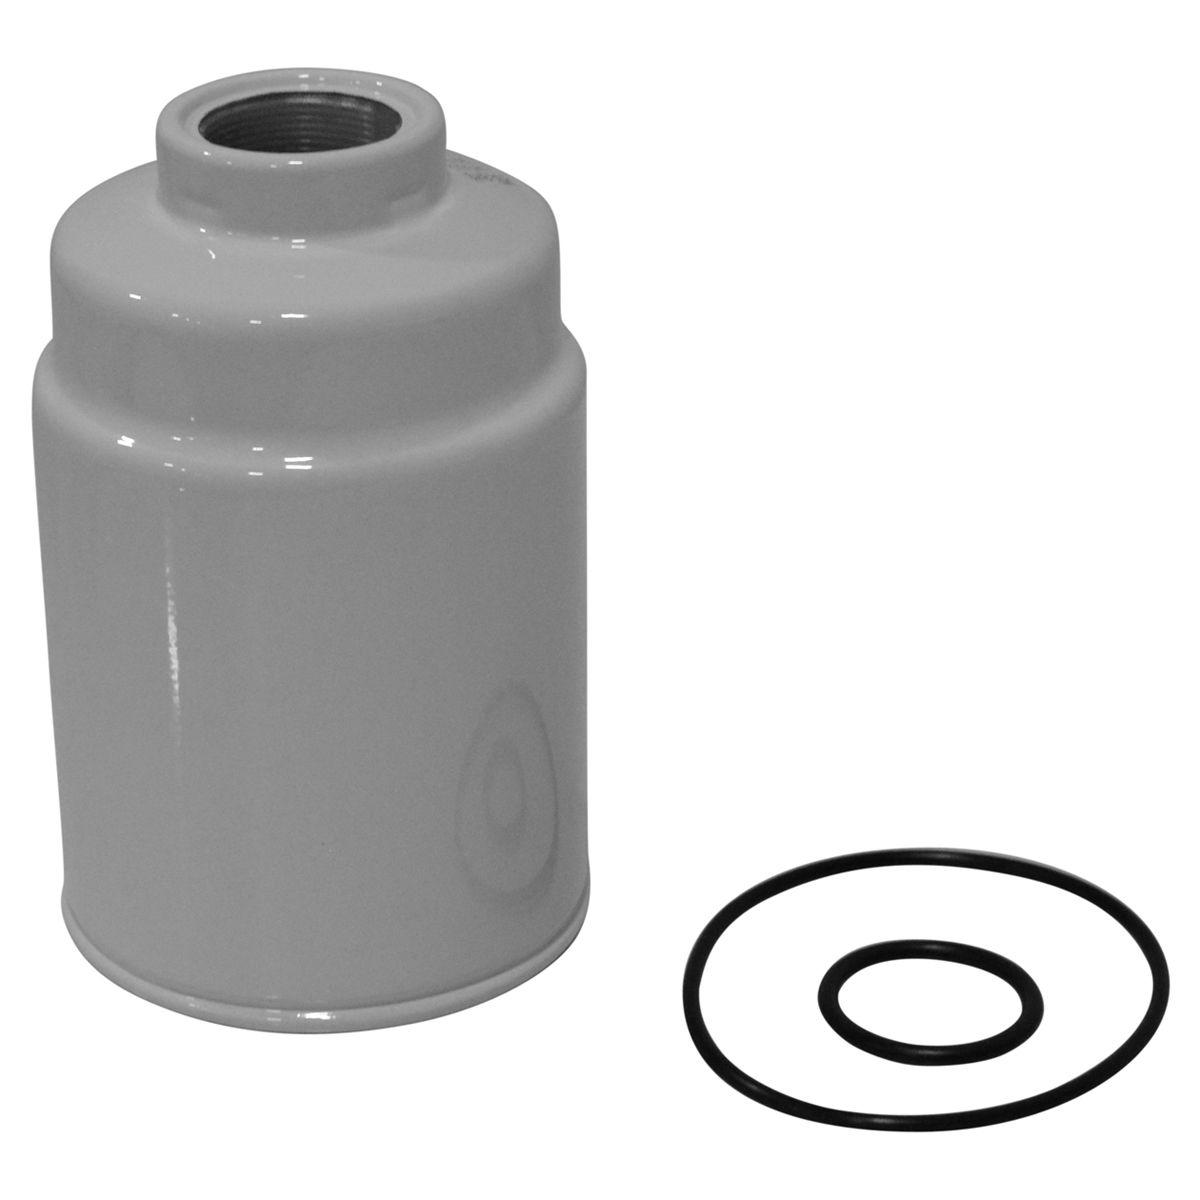 2003 chevy diesel fuel filter